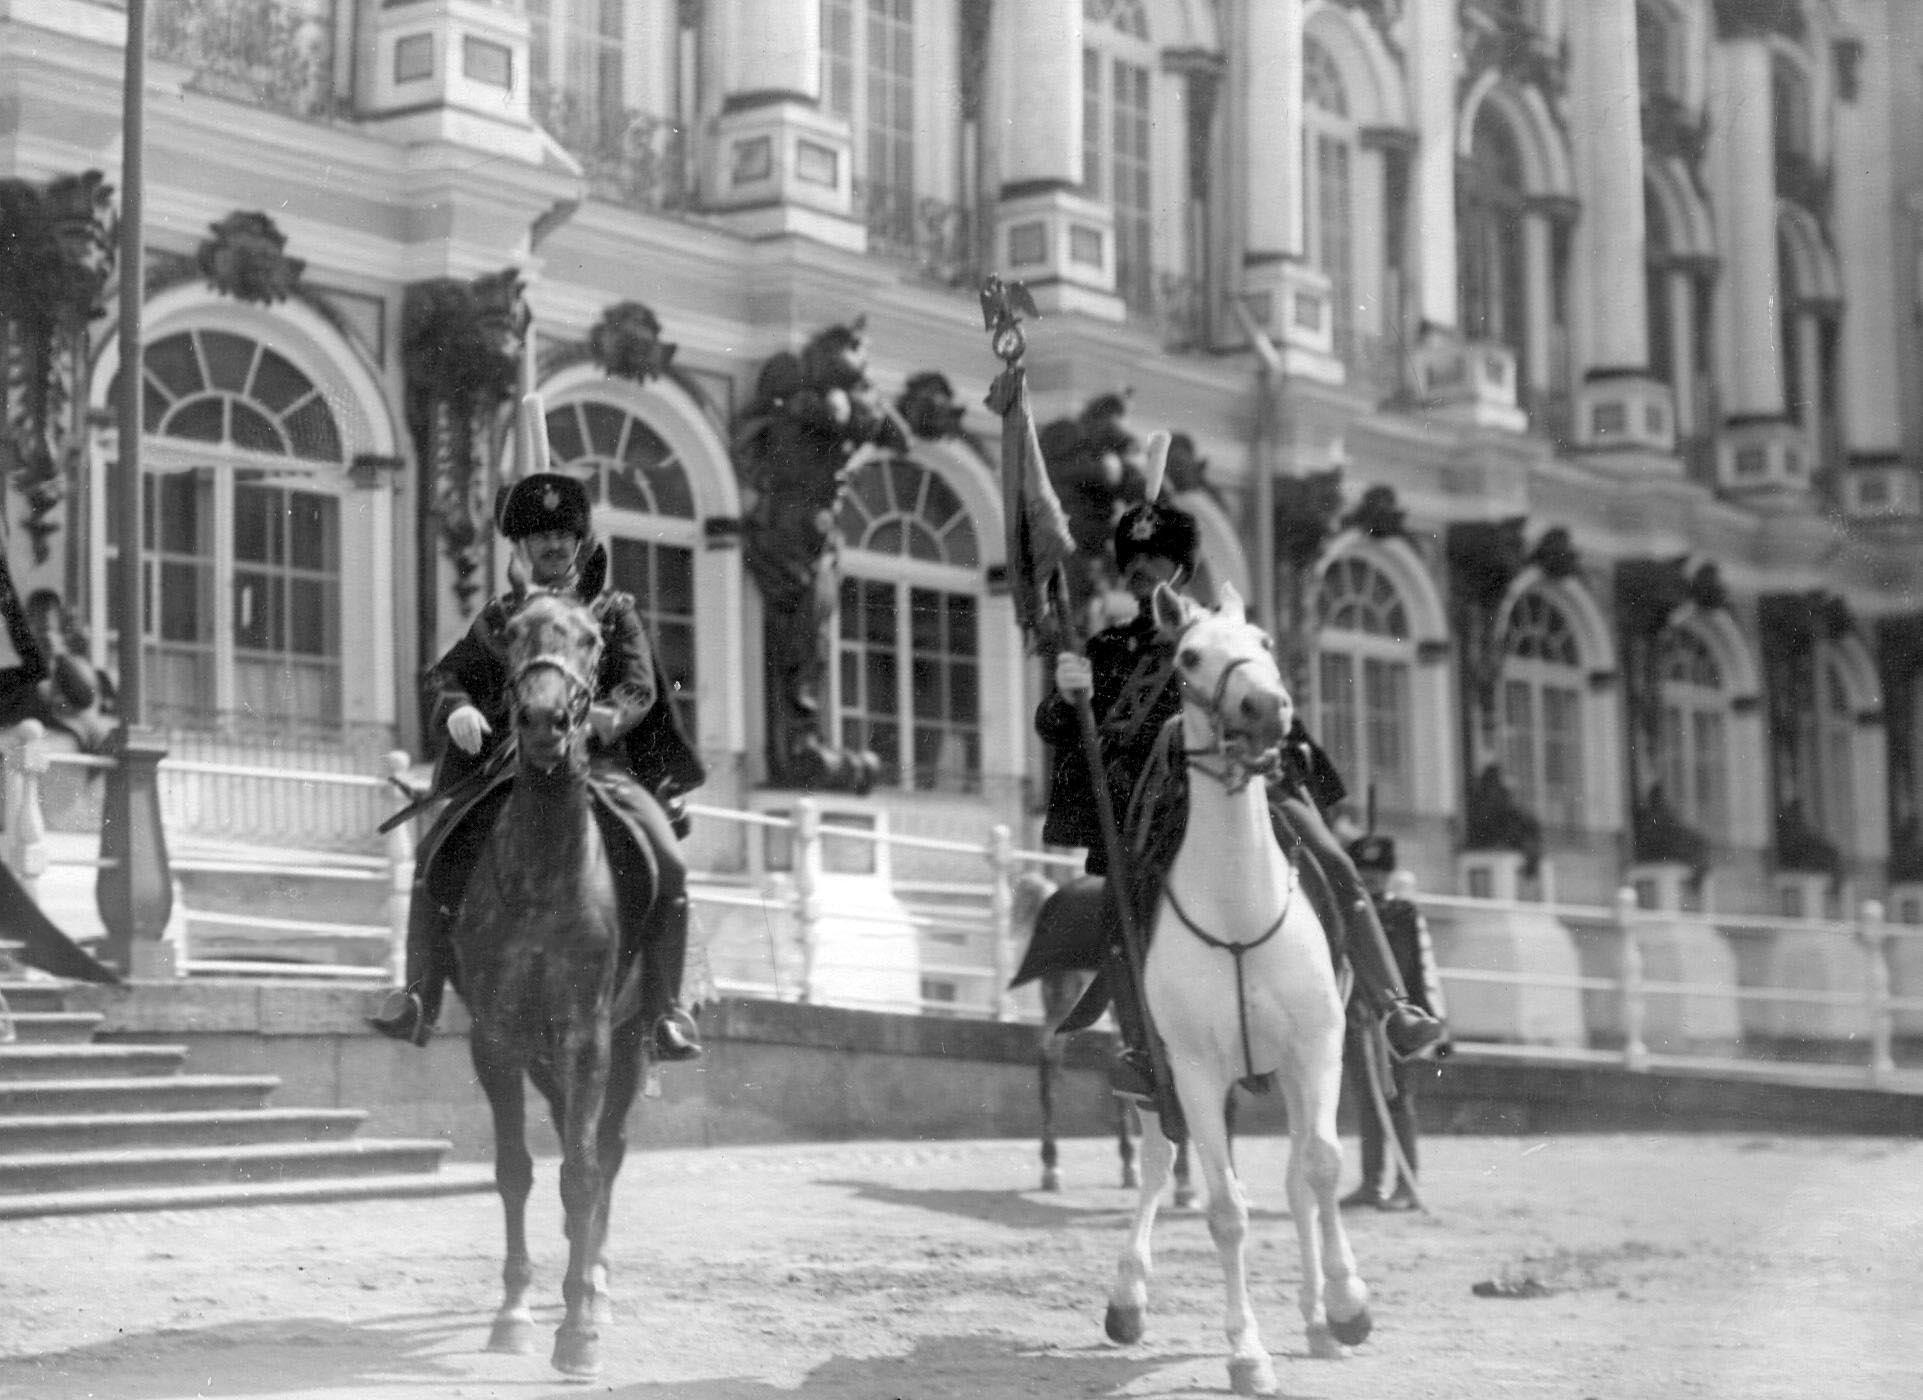 1910. Гусары с полковым штандартом и с охраной на параде полка. 15 мая